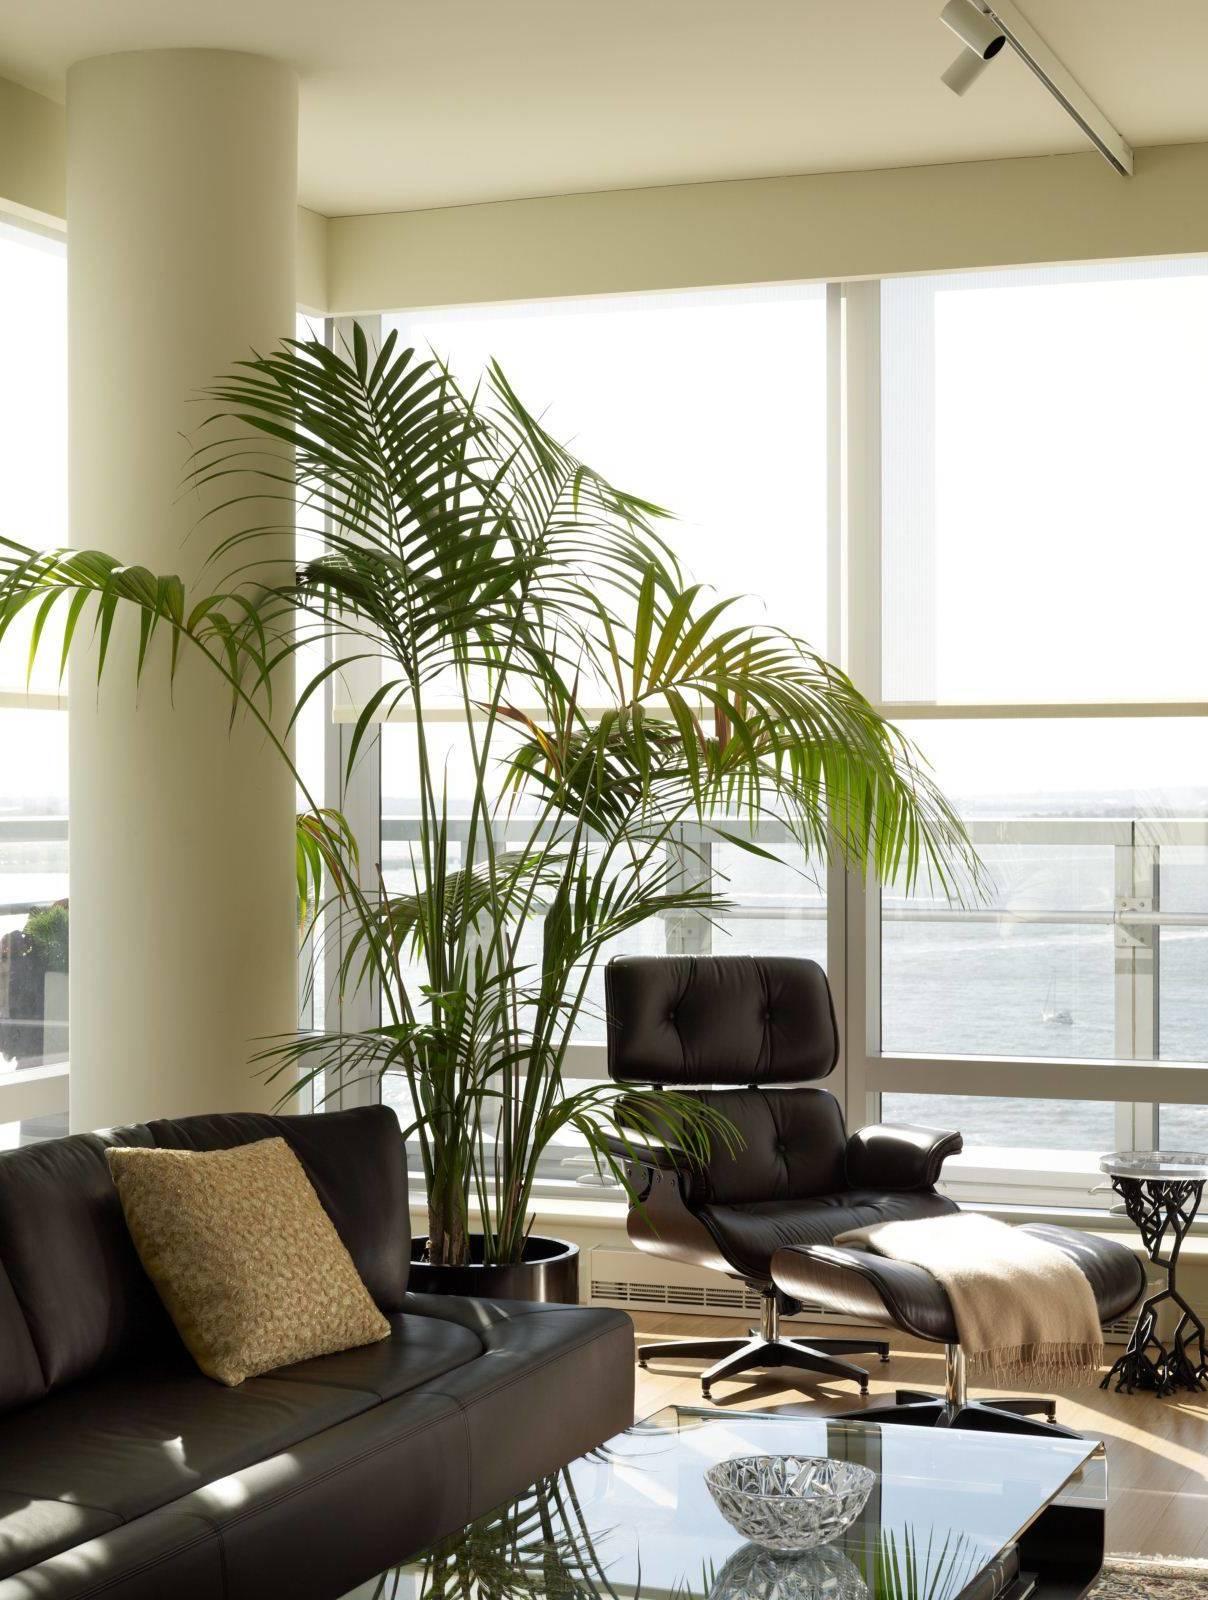 Große Zimmerpflanzen als Akzent